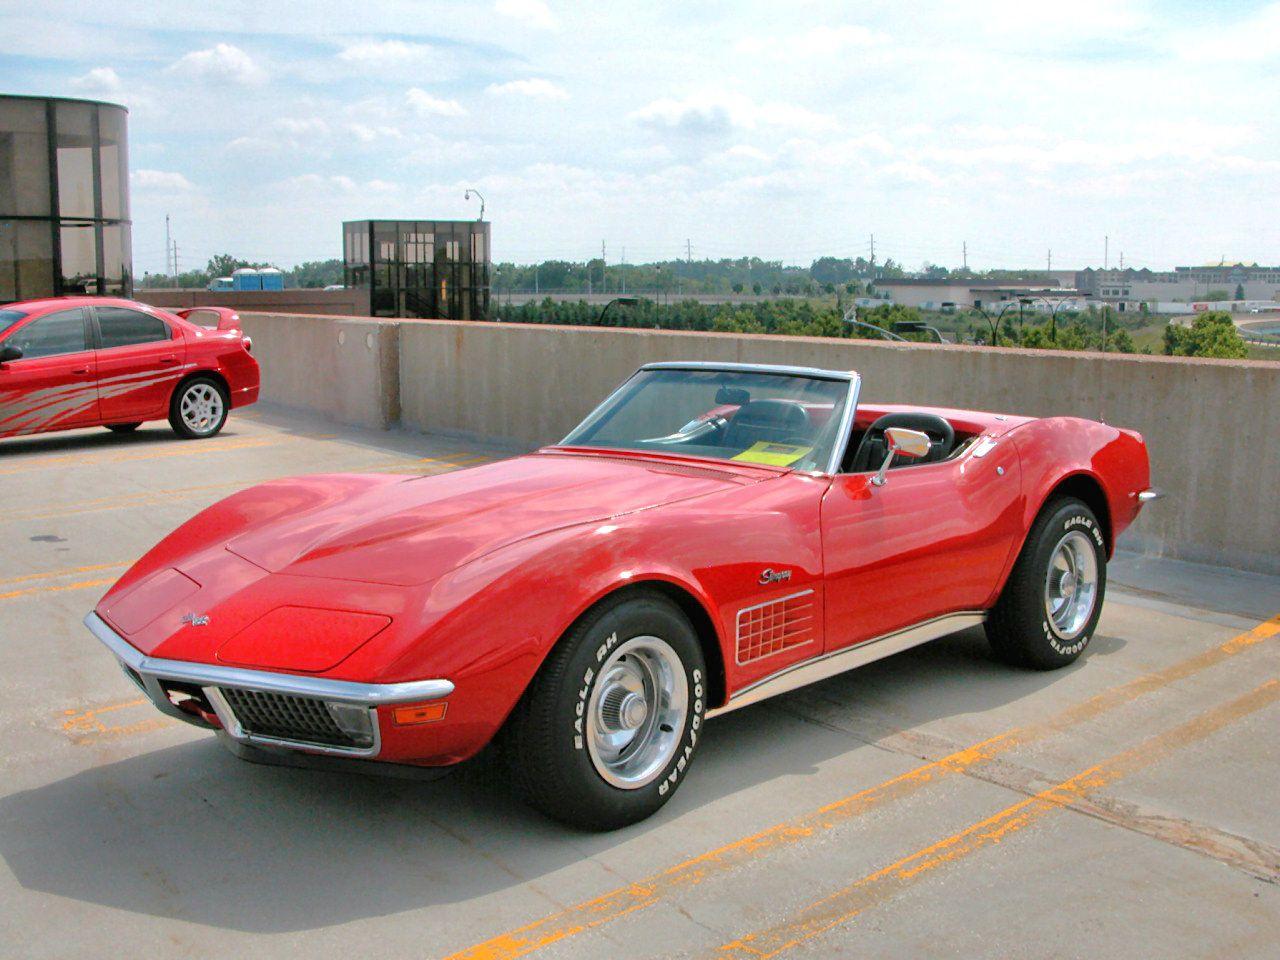 Corvette 1970 chevrolet corvette stingray : Corvette Stingray Concept for Transformers 2 movie   transport us ...